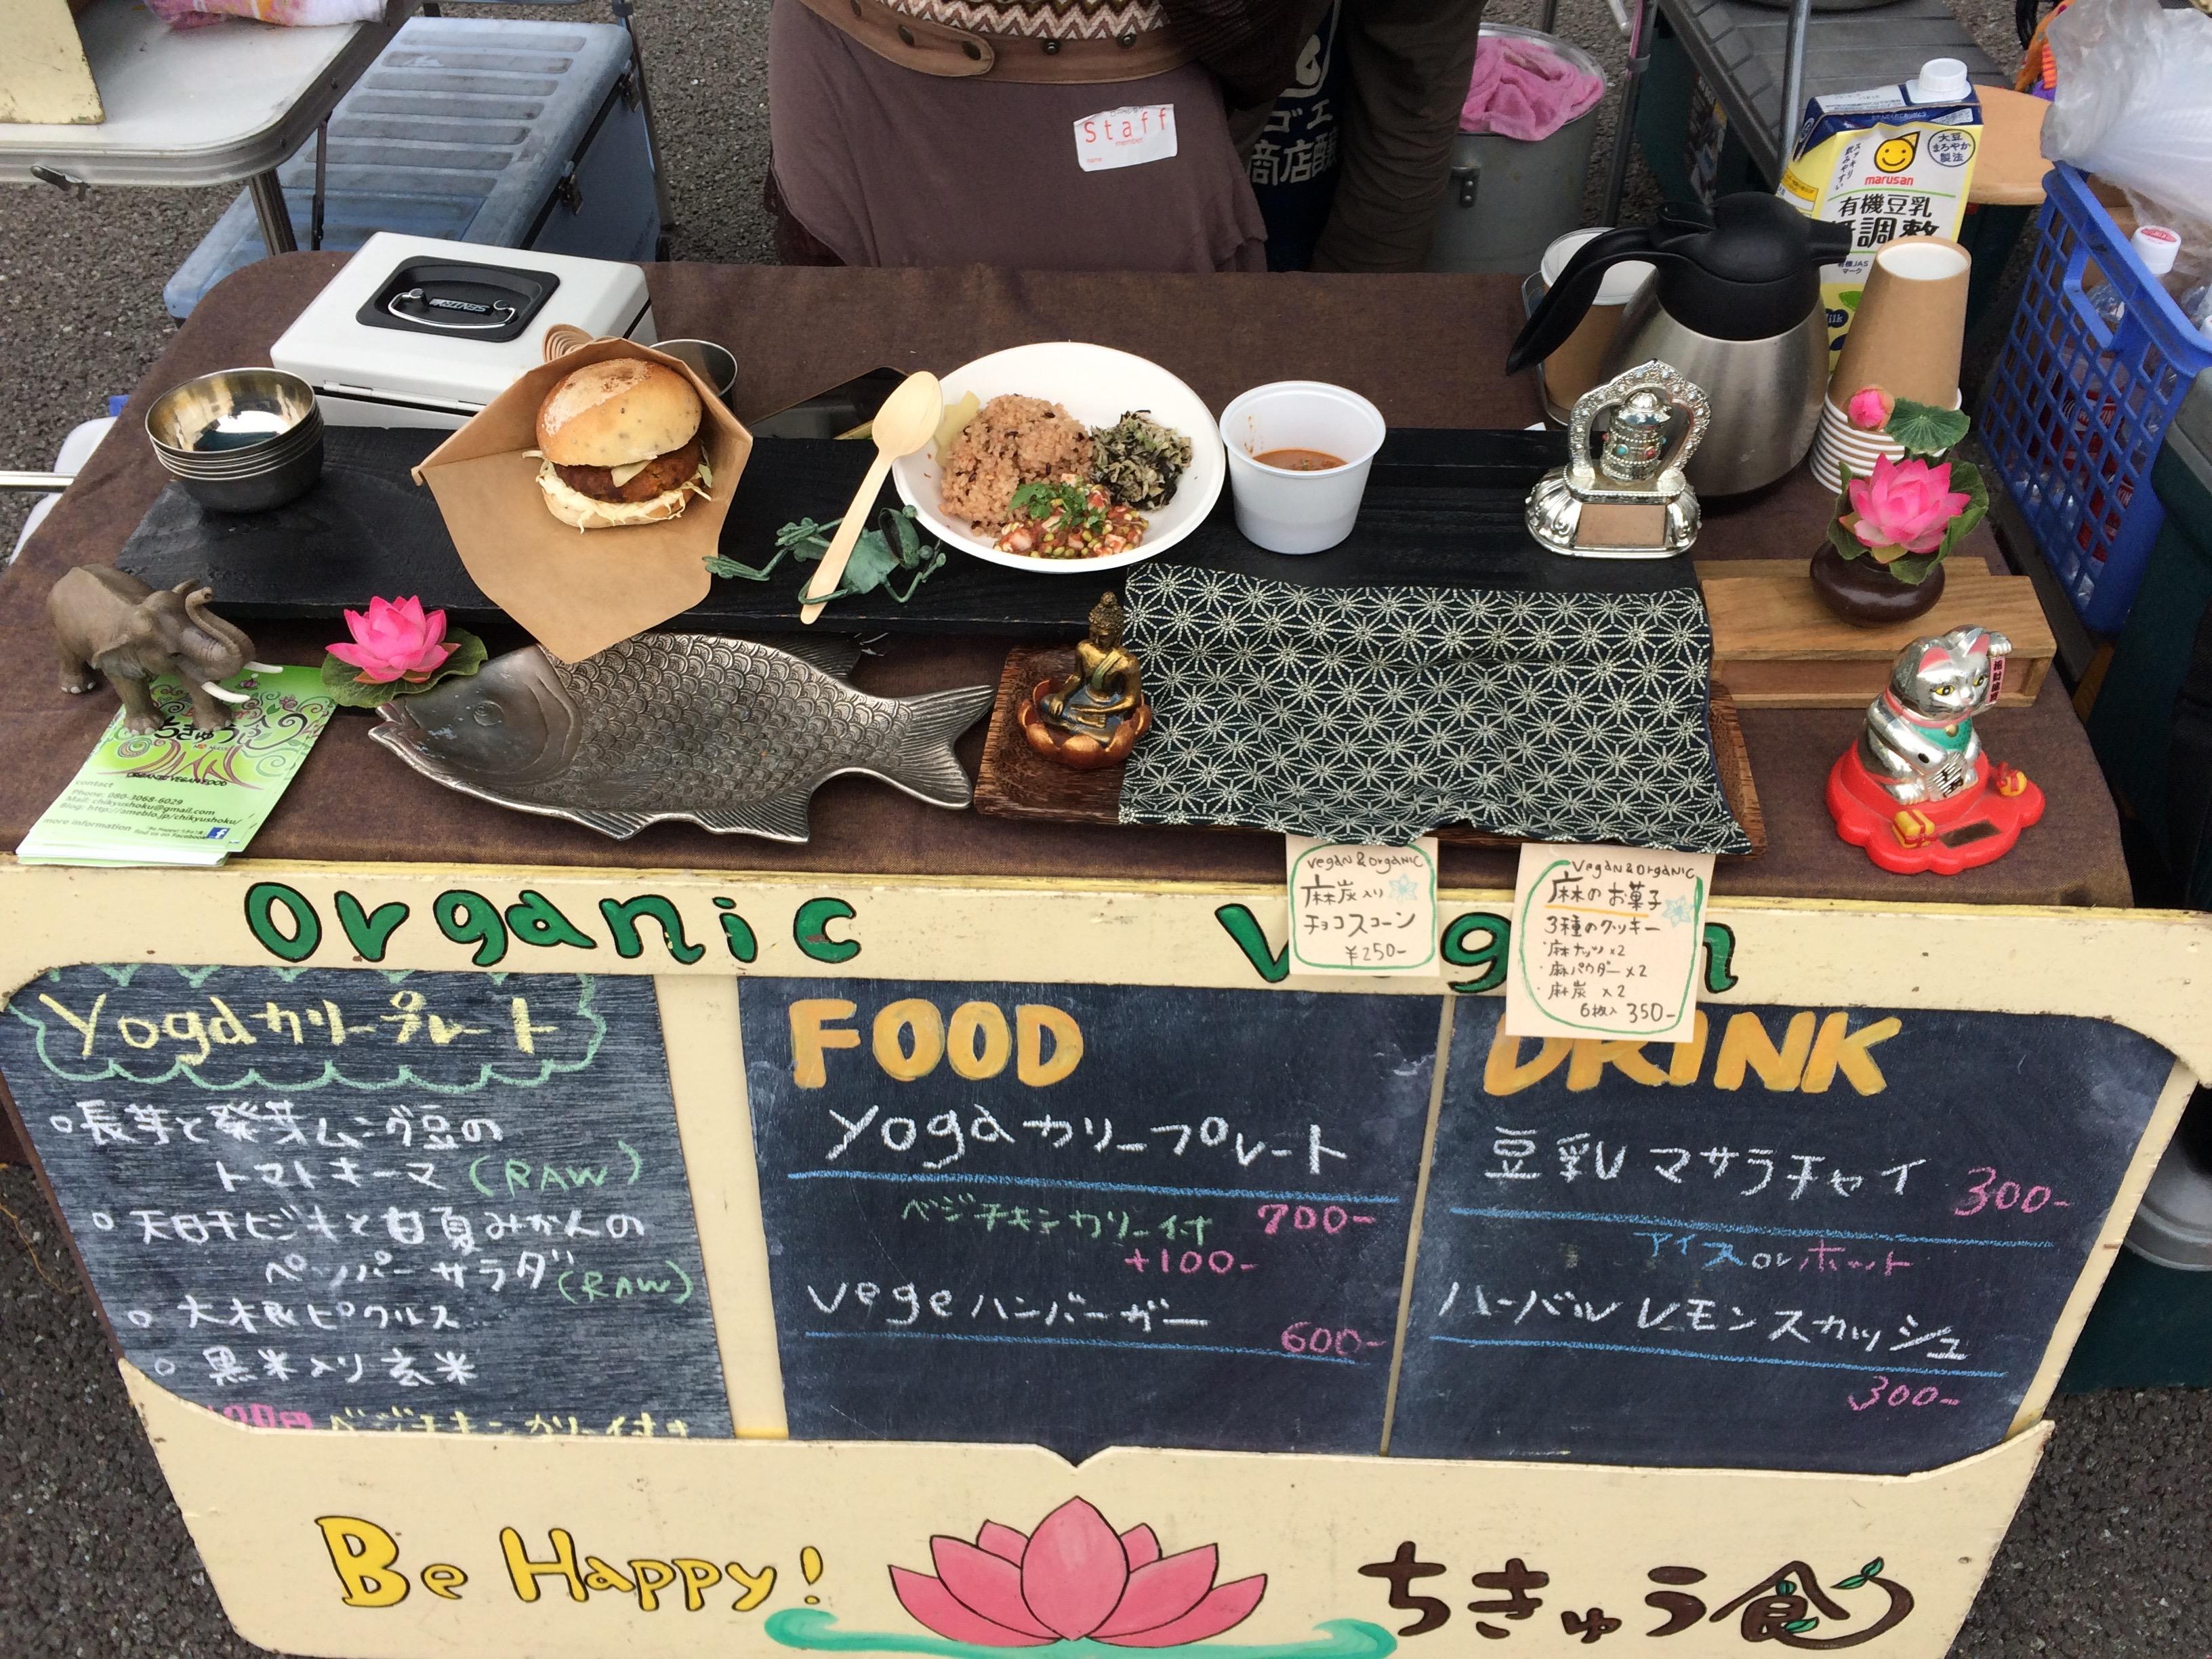 Osakaローベジ祭り2015summerちきゅう食出店ブース